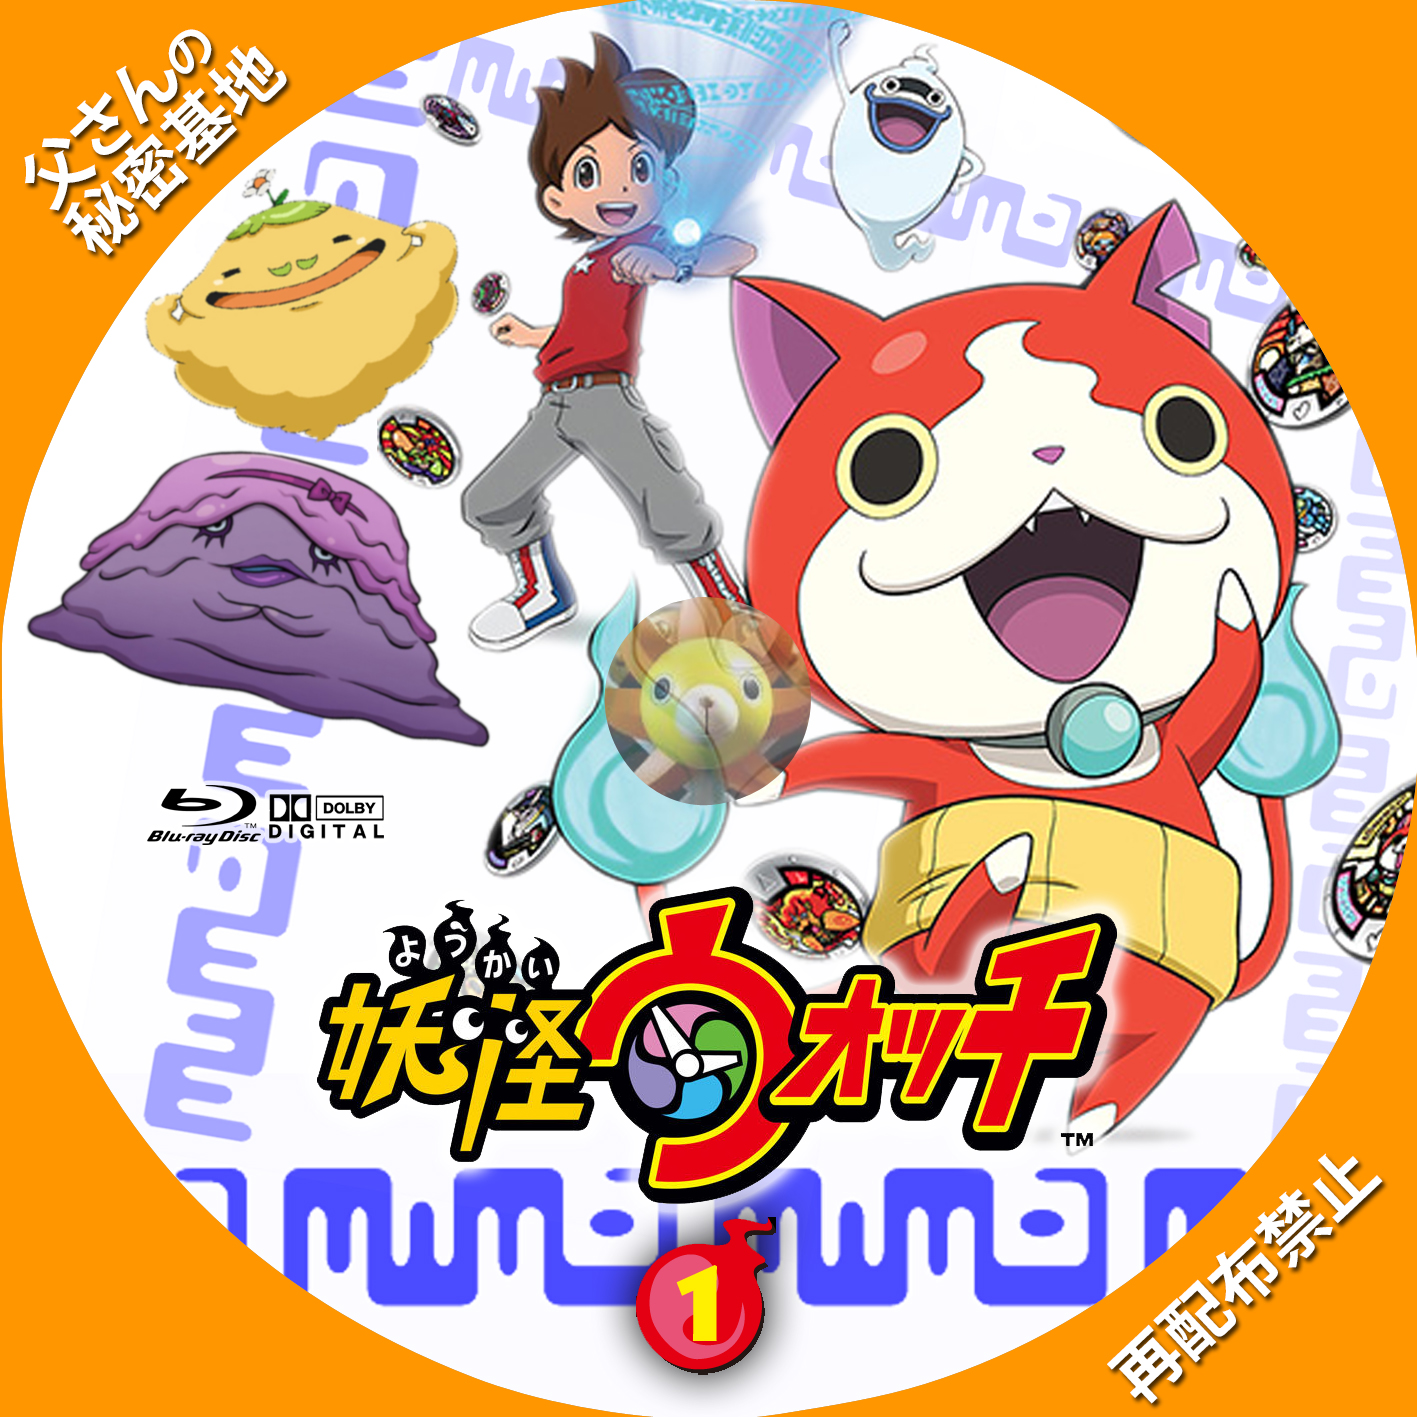 youkai-watchBD_01.jpg